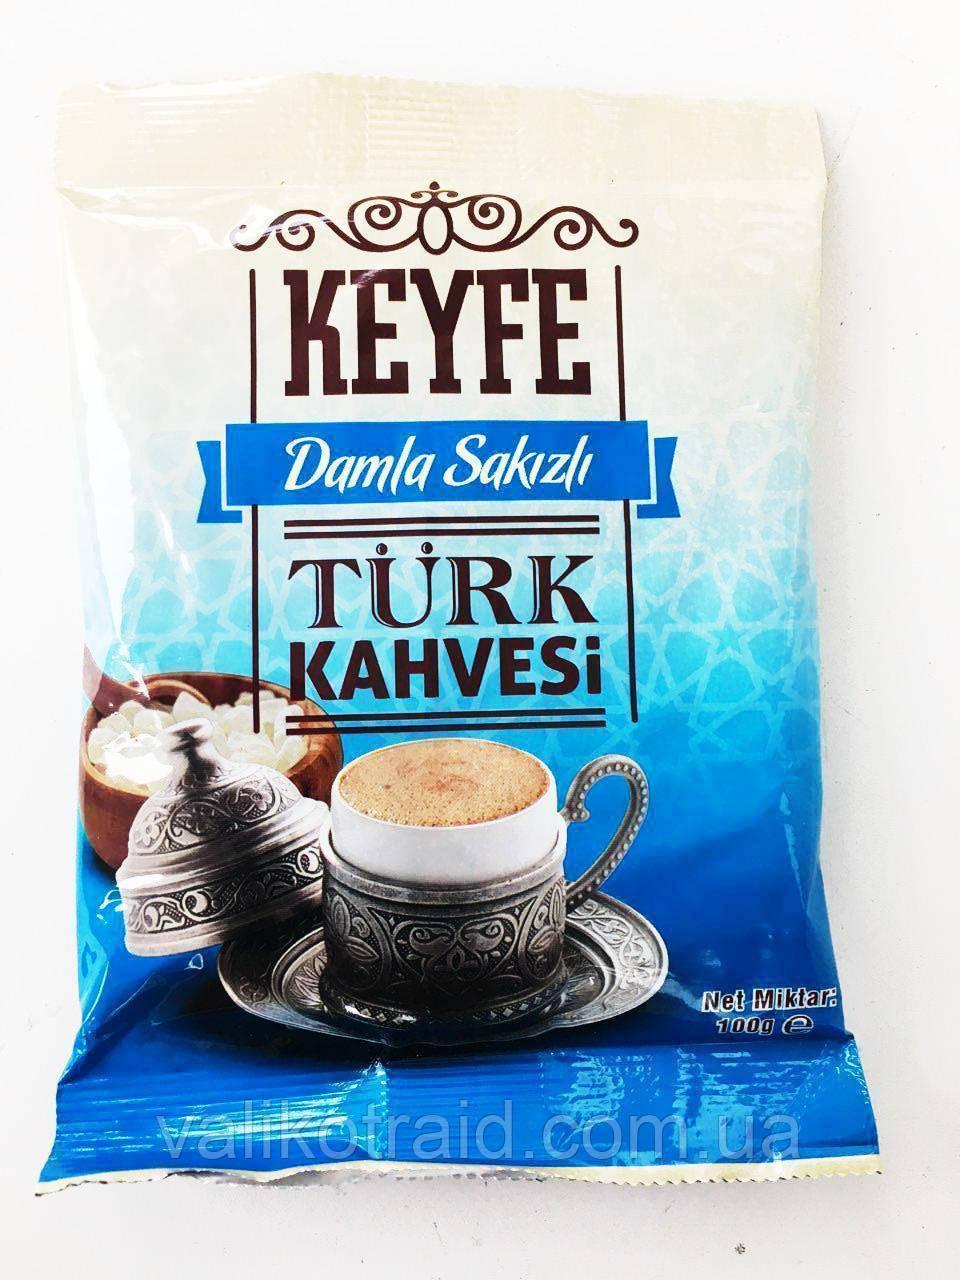 """Турецкий кофе с добавкой мастичного дерева """"Dunyasi Кeyfe turk kahvesi"""" Damla Sakizli,  100 гр, Турция"""